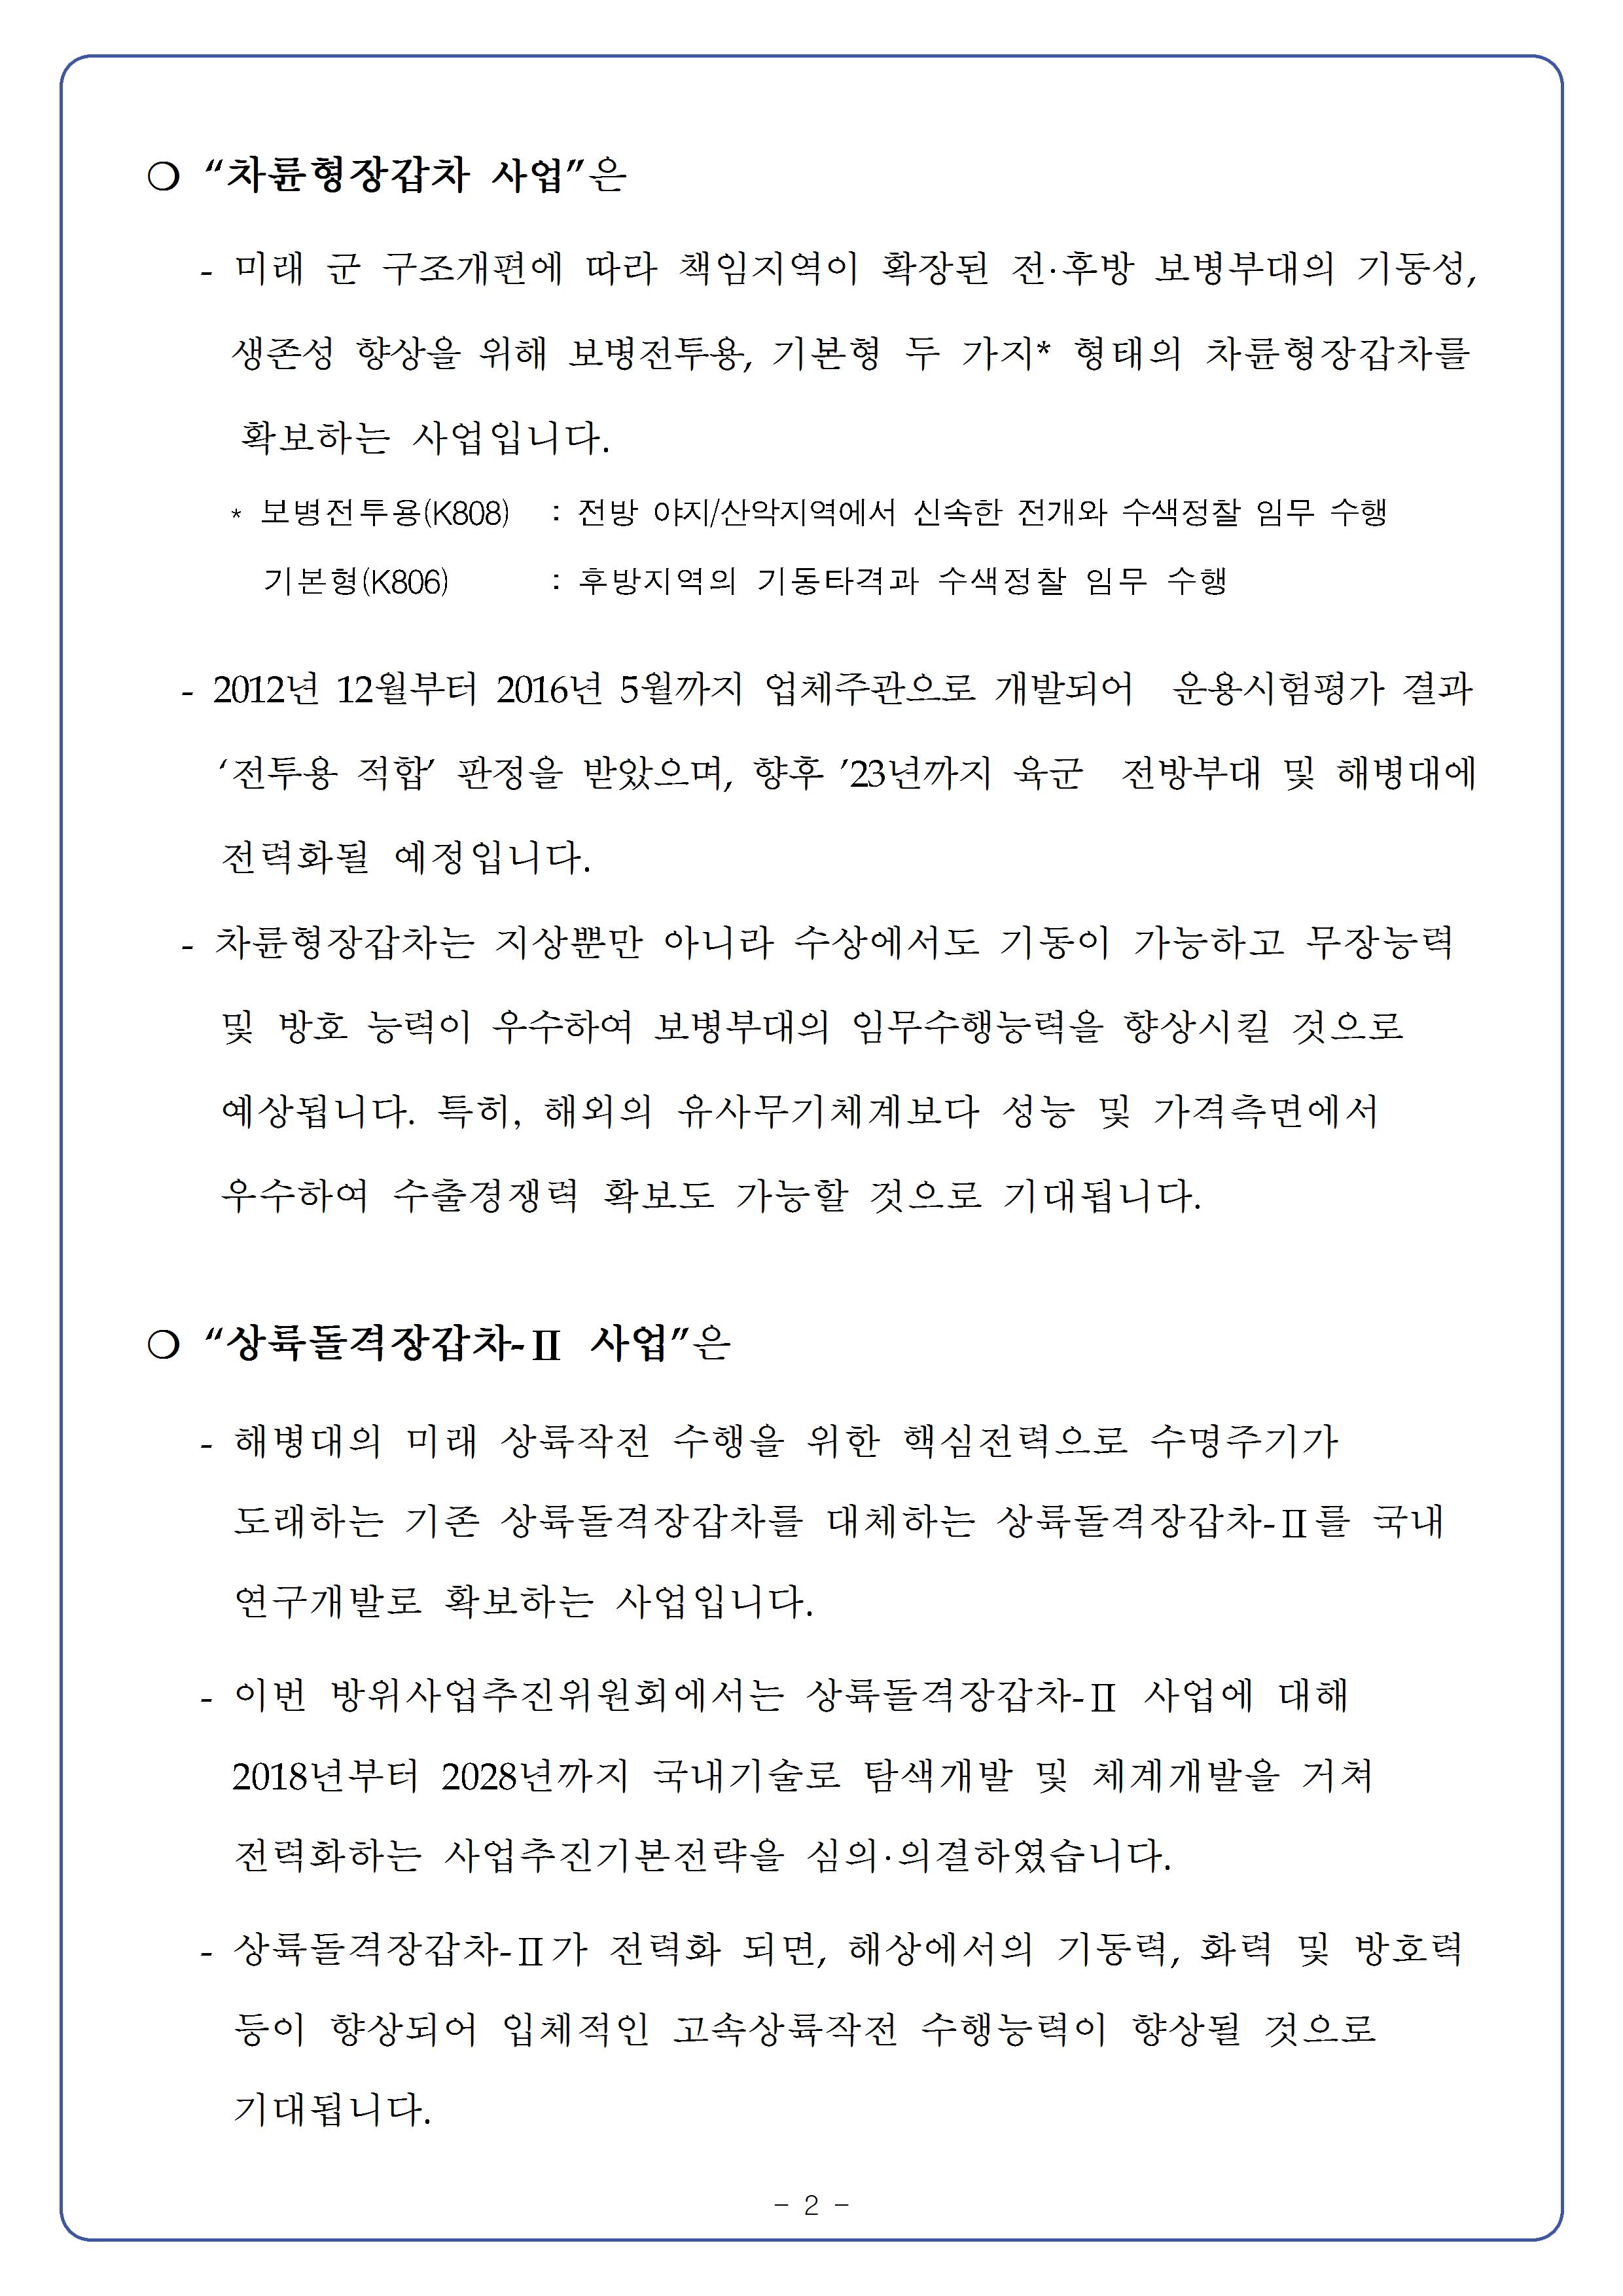 20160930 제96회 방위사업추진위원회 개최 결과002.png